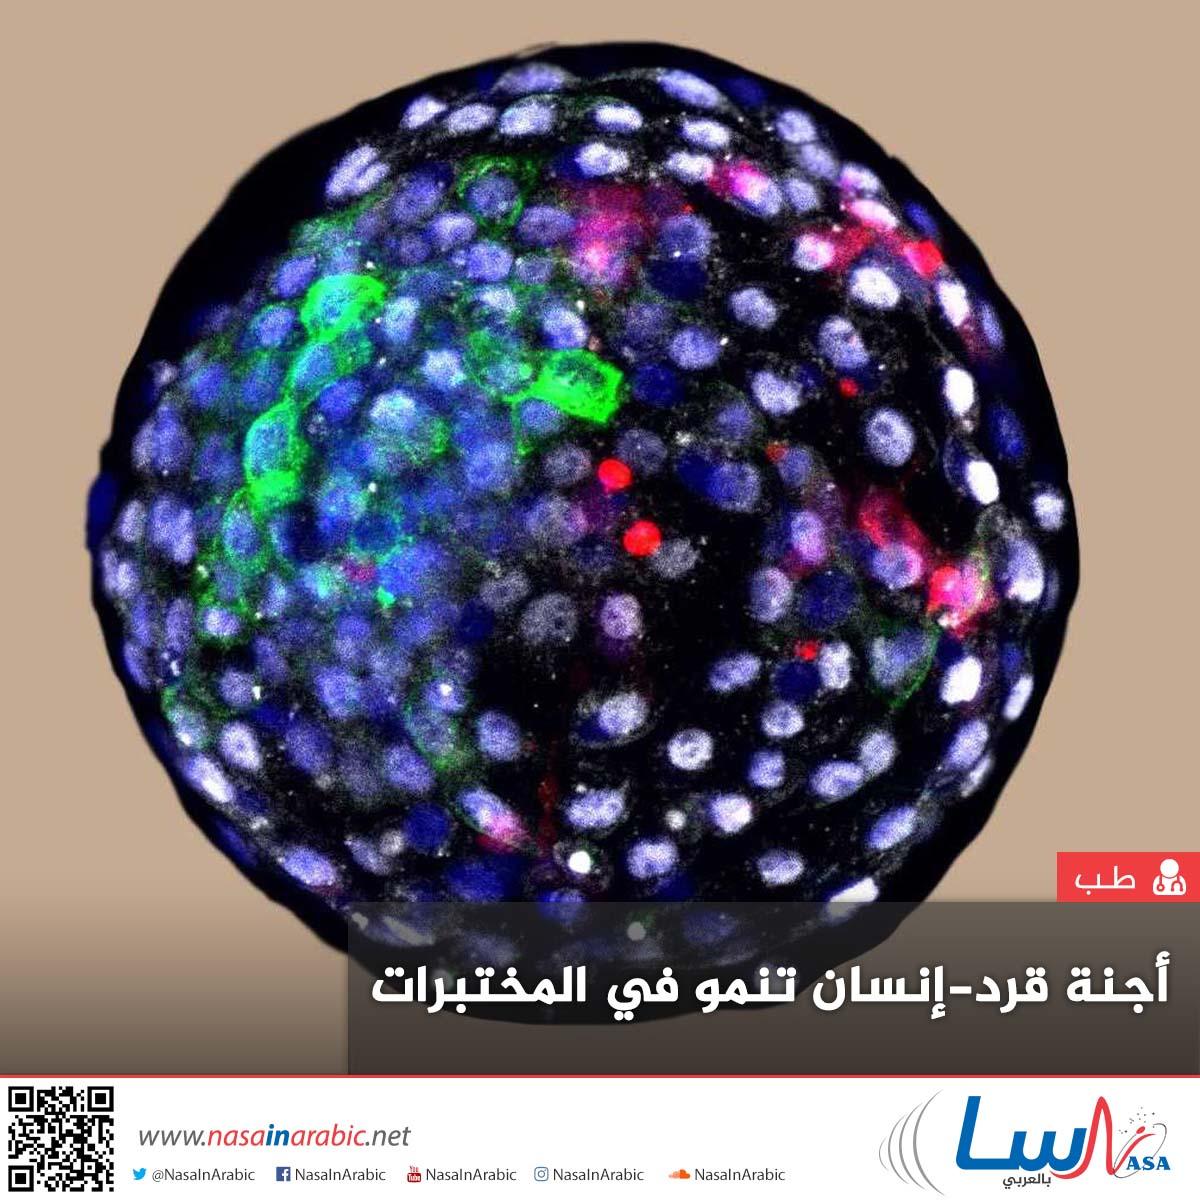 أجنة قرد-إنسان تنمو في المختبرات